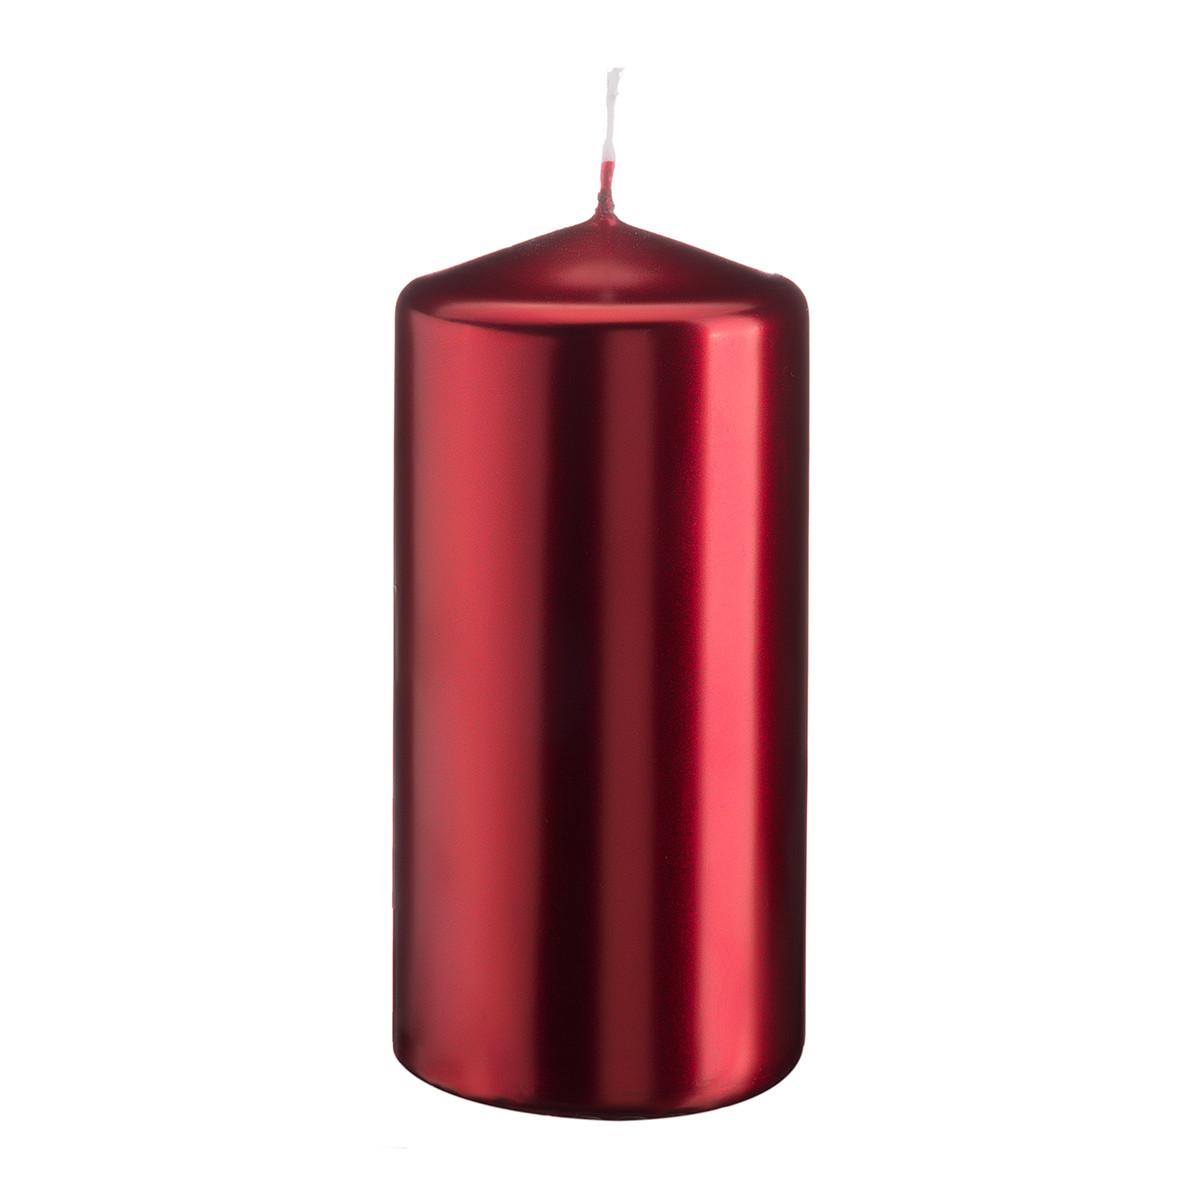 Свеча цилиндр красный металлик Bispol 10 см (sw50/100-230)